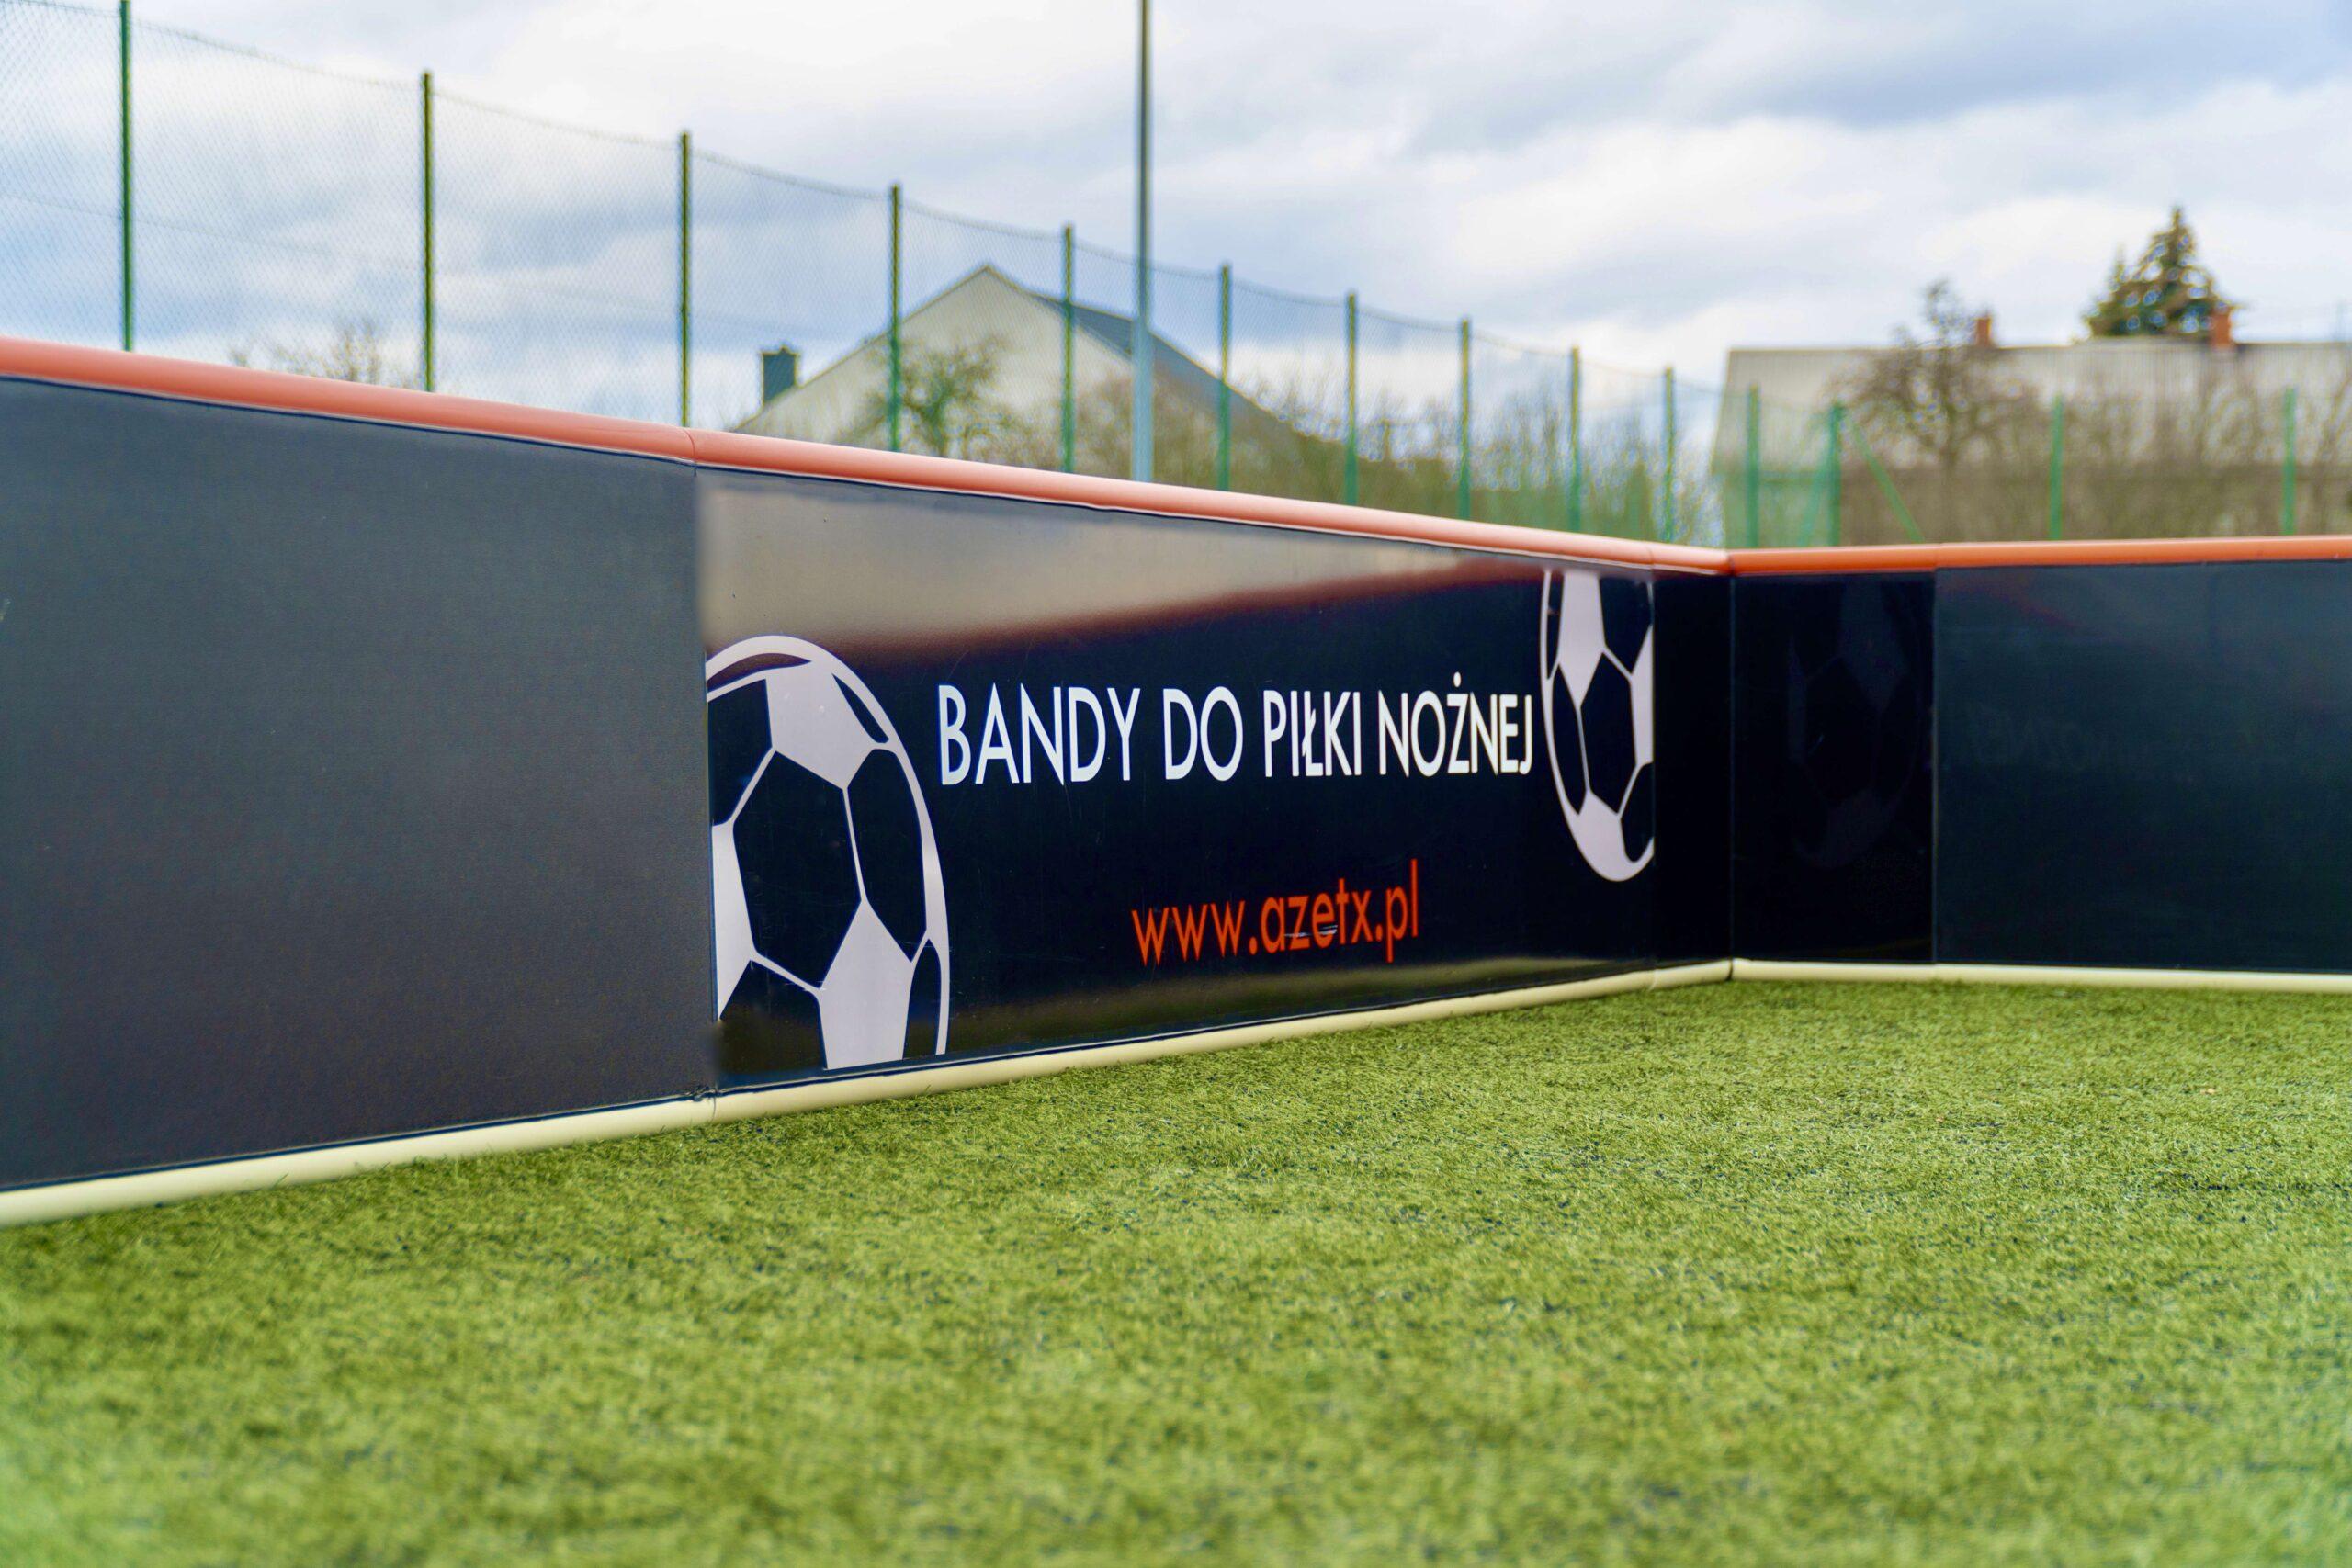 Narożnik bandy od wew z naklejką - Azetx Football50